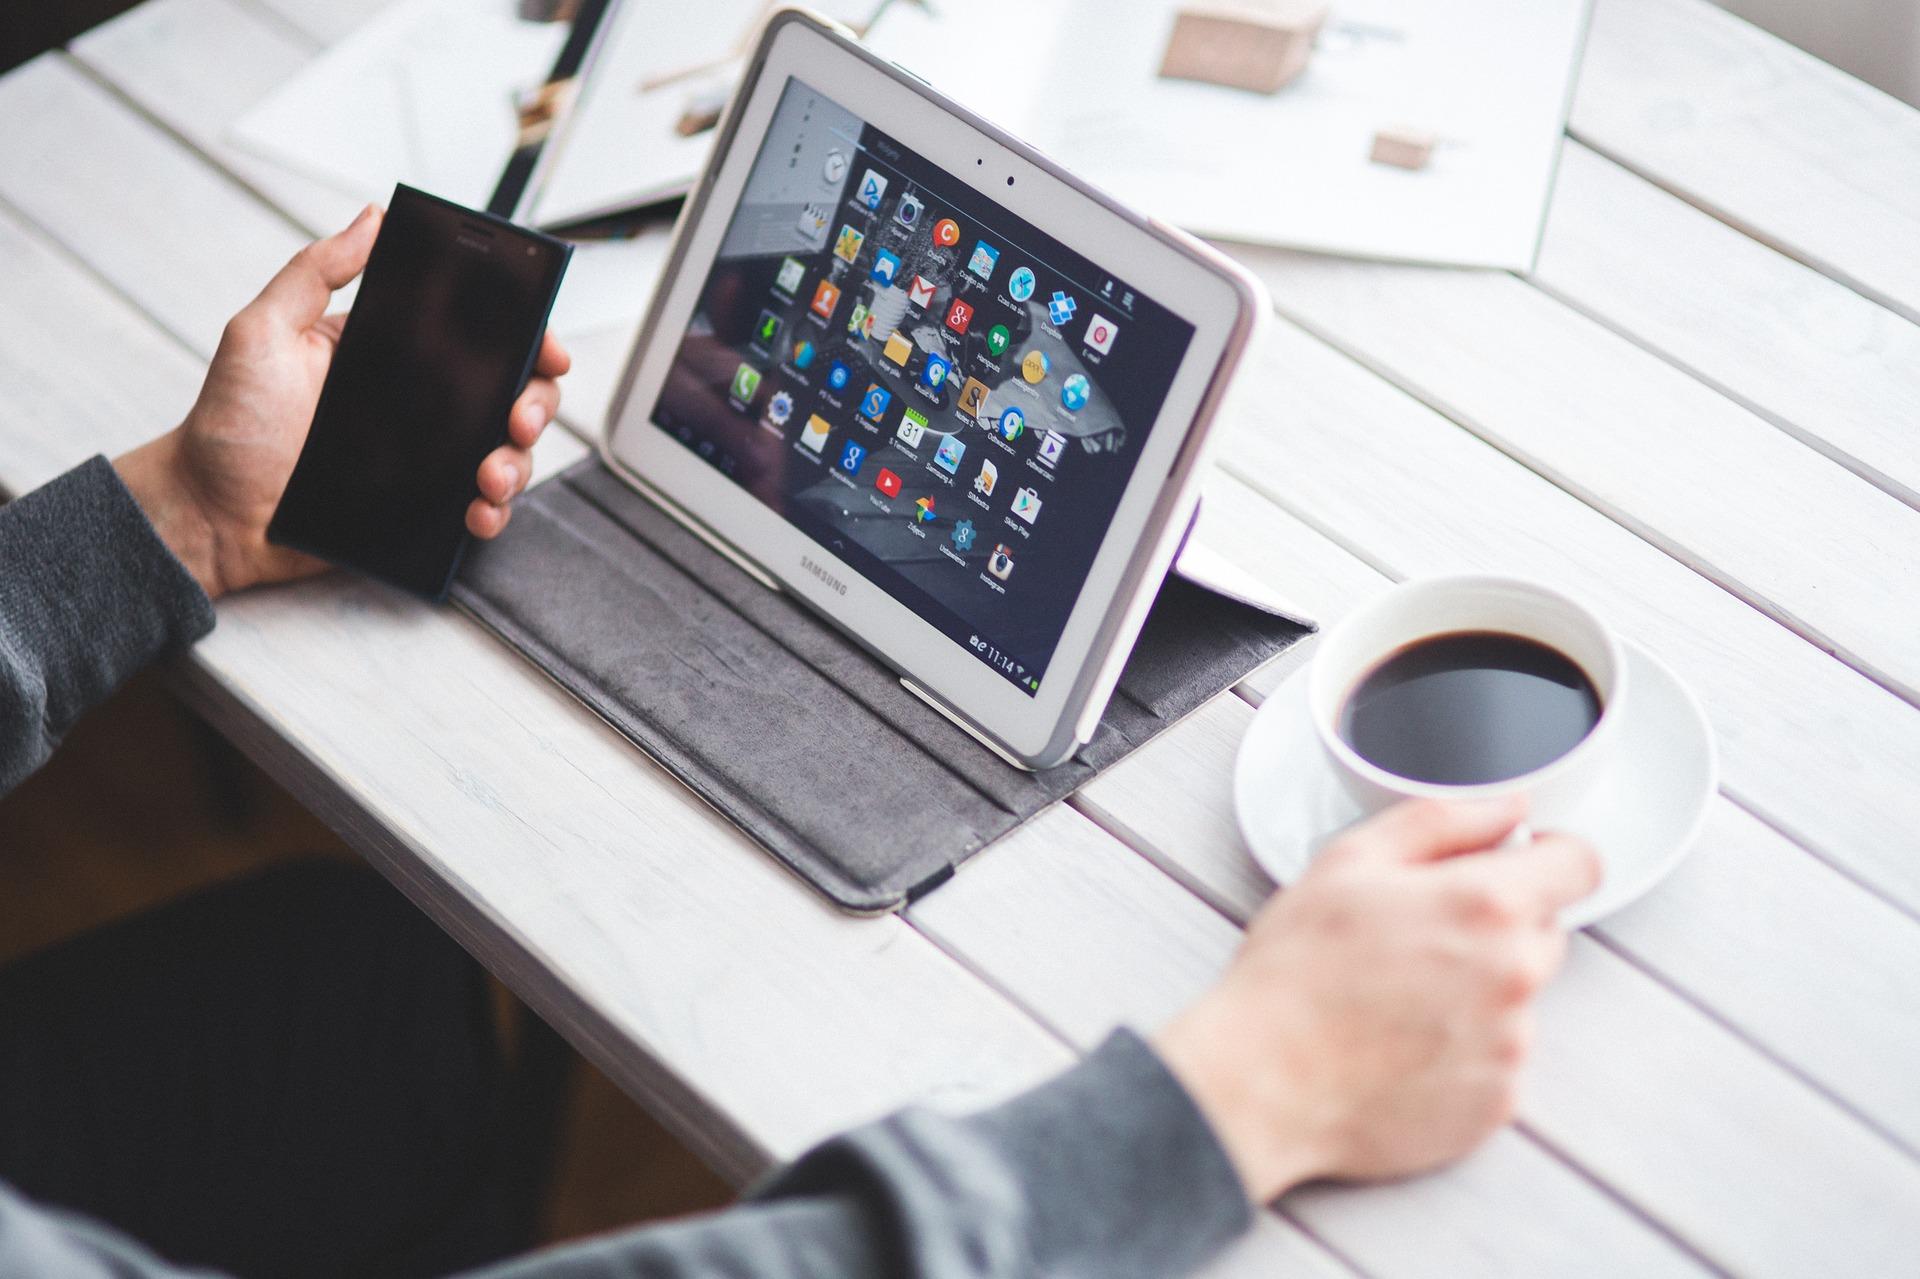 Tus clientes viven la estrategia omnicanal a través de sus dispositivos de preferencia